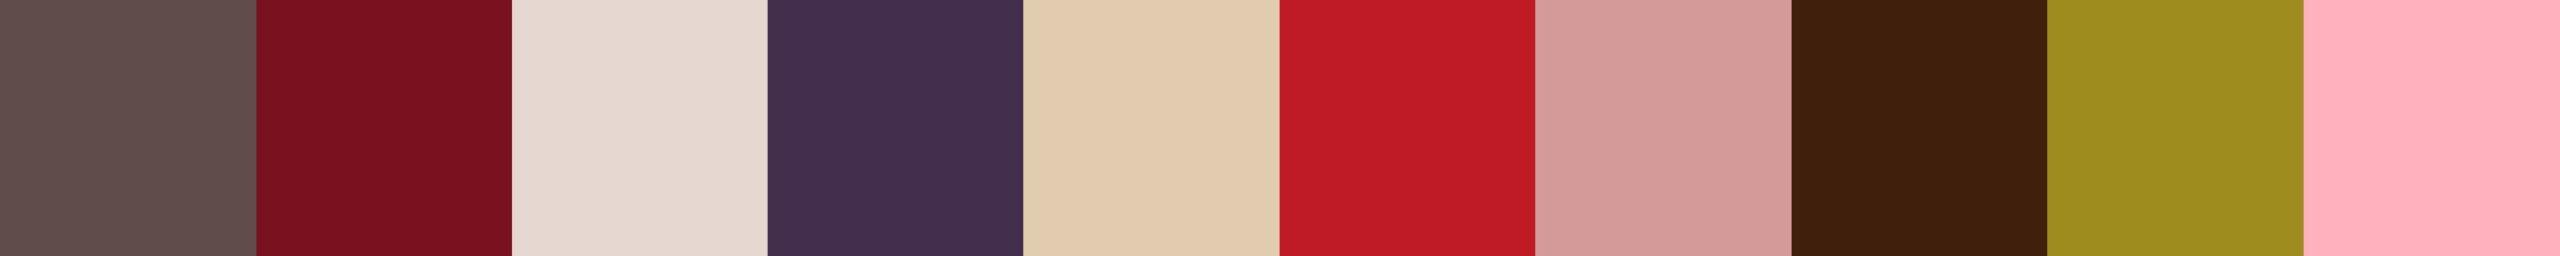 410 Coqora Color Palette